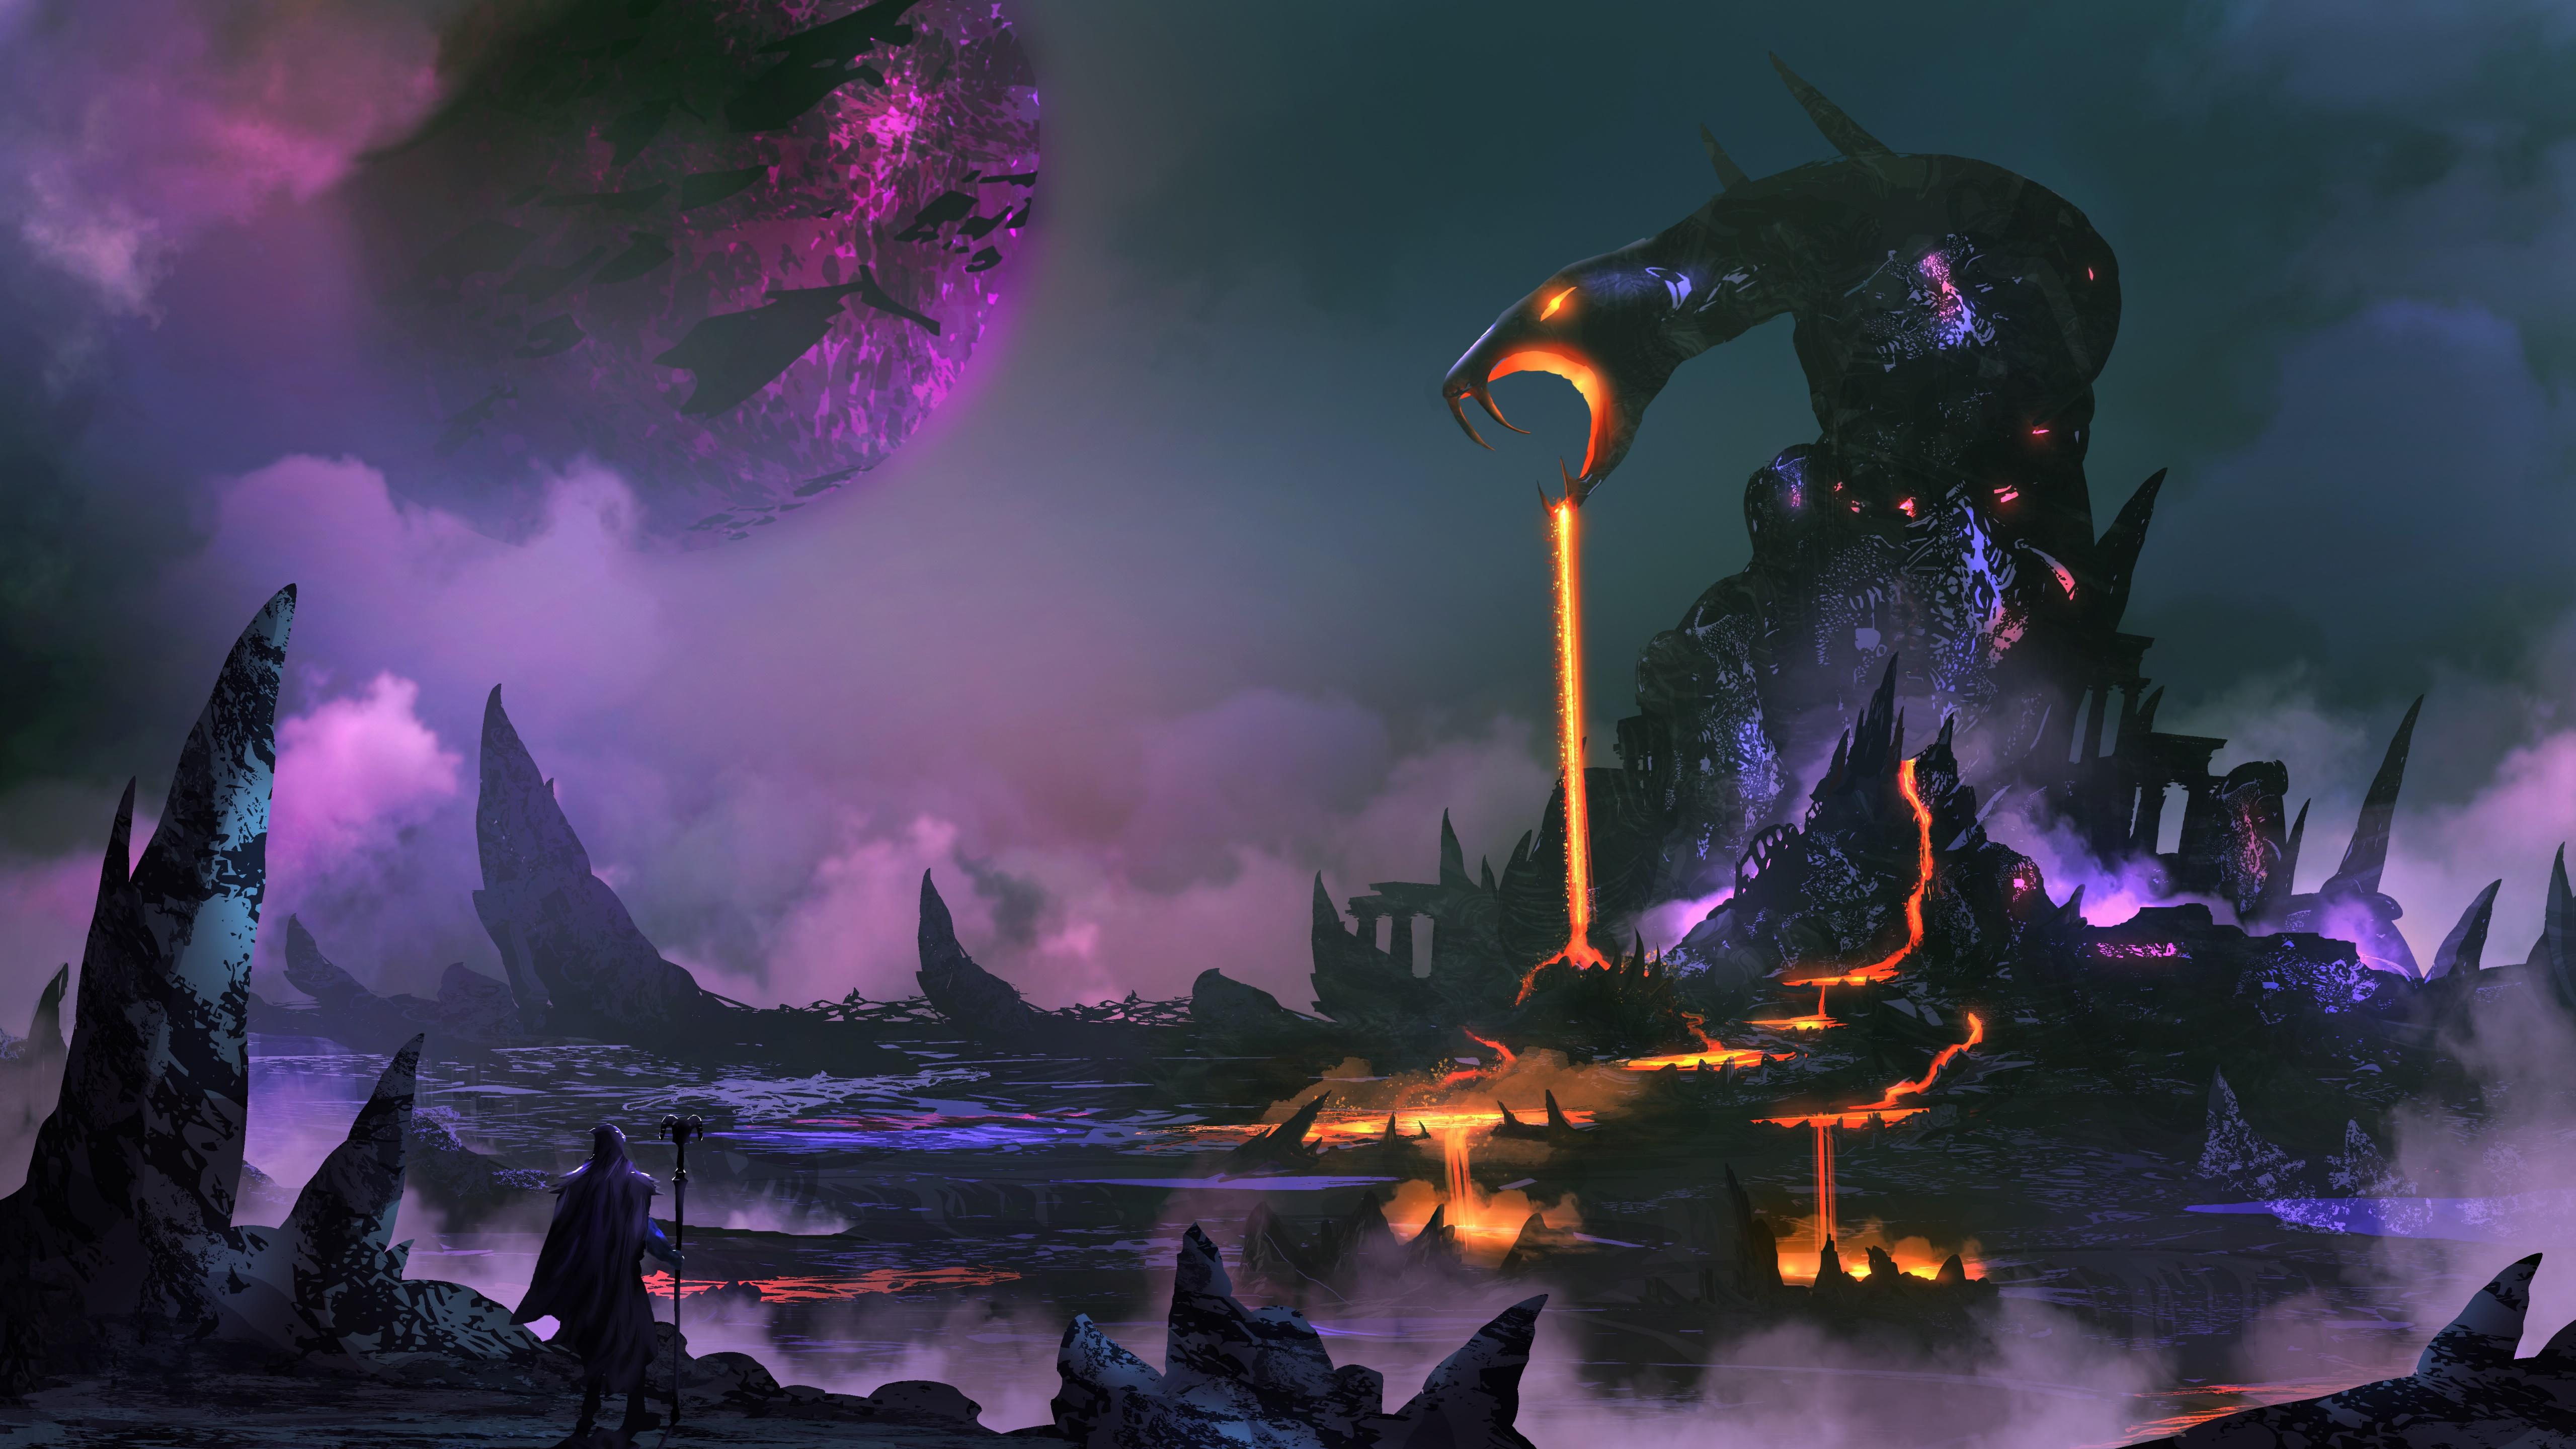 Lava Monster wallpaper